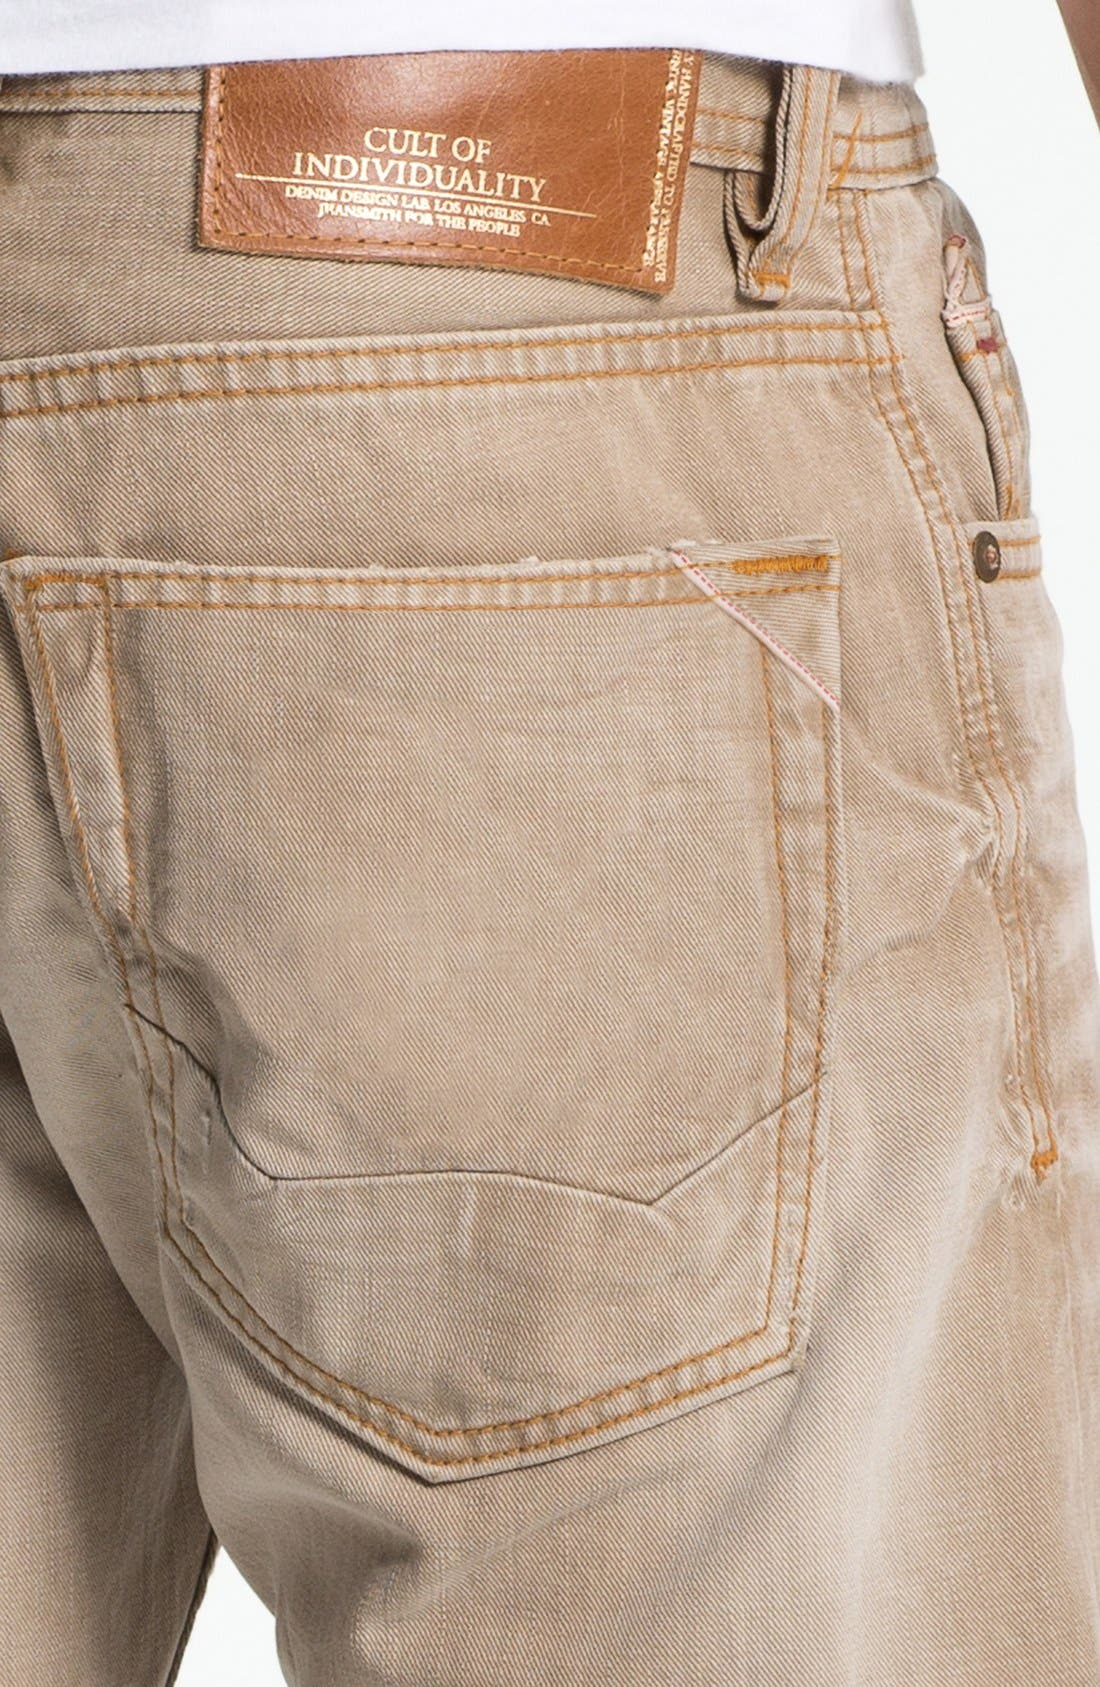 Alternate Image 4  - Cult of Individuality 'Rebel' Straight Leg Jeans (Desert)